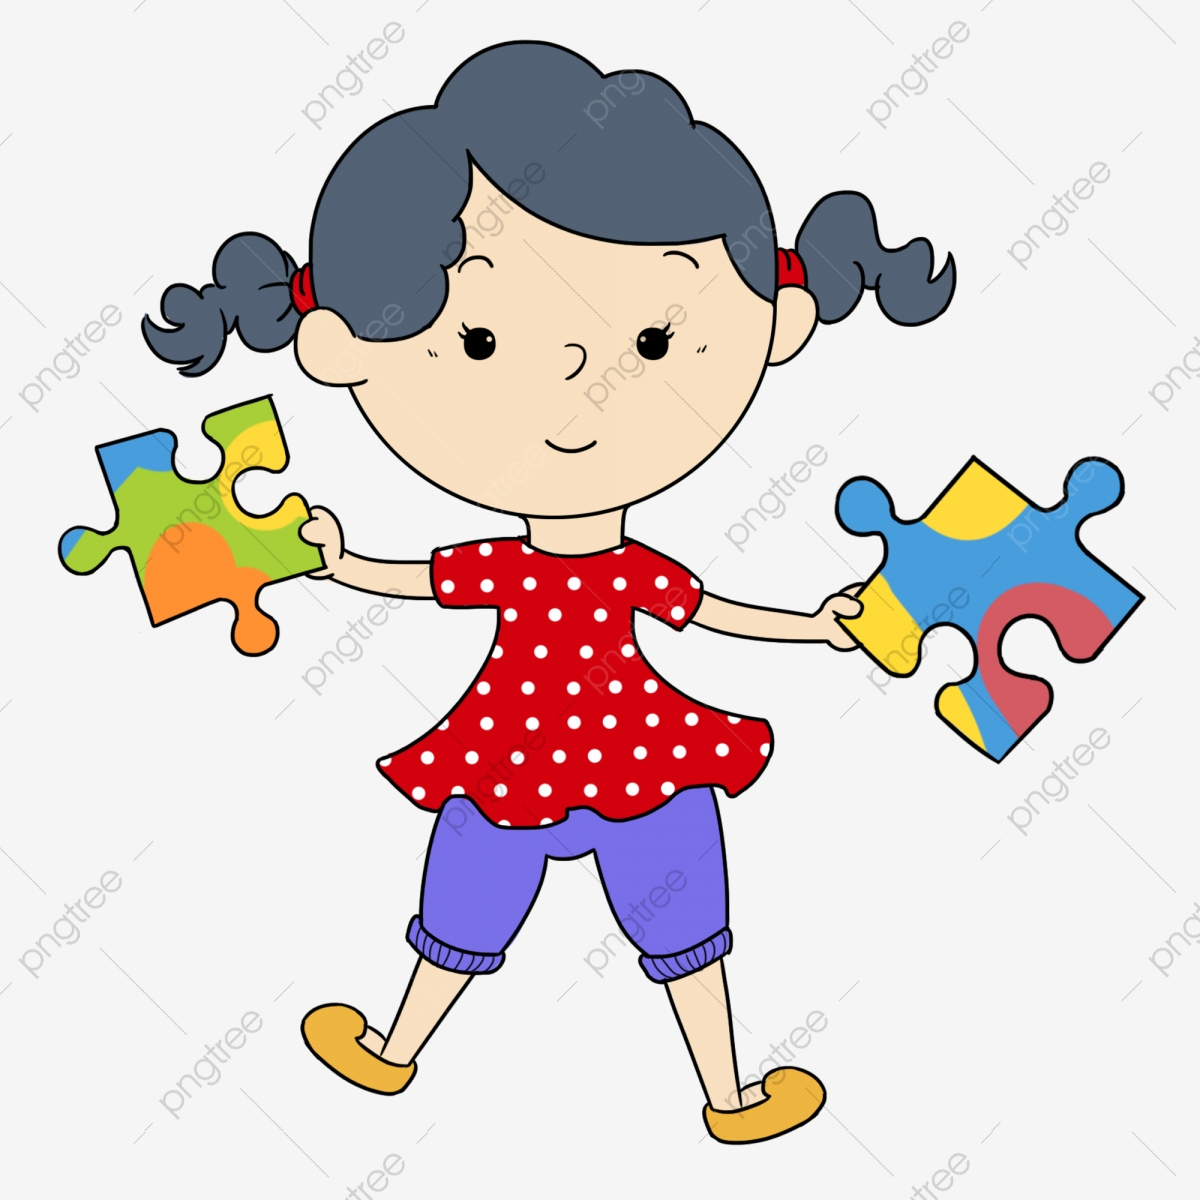 Jeu Intellectuel Puzzle Été Enfant, Jolie Fille, Jeu à Jeux De Puzzle Enfant